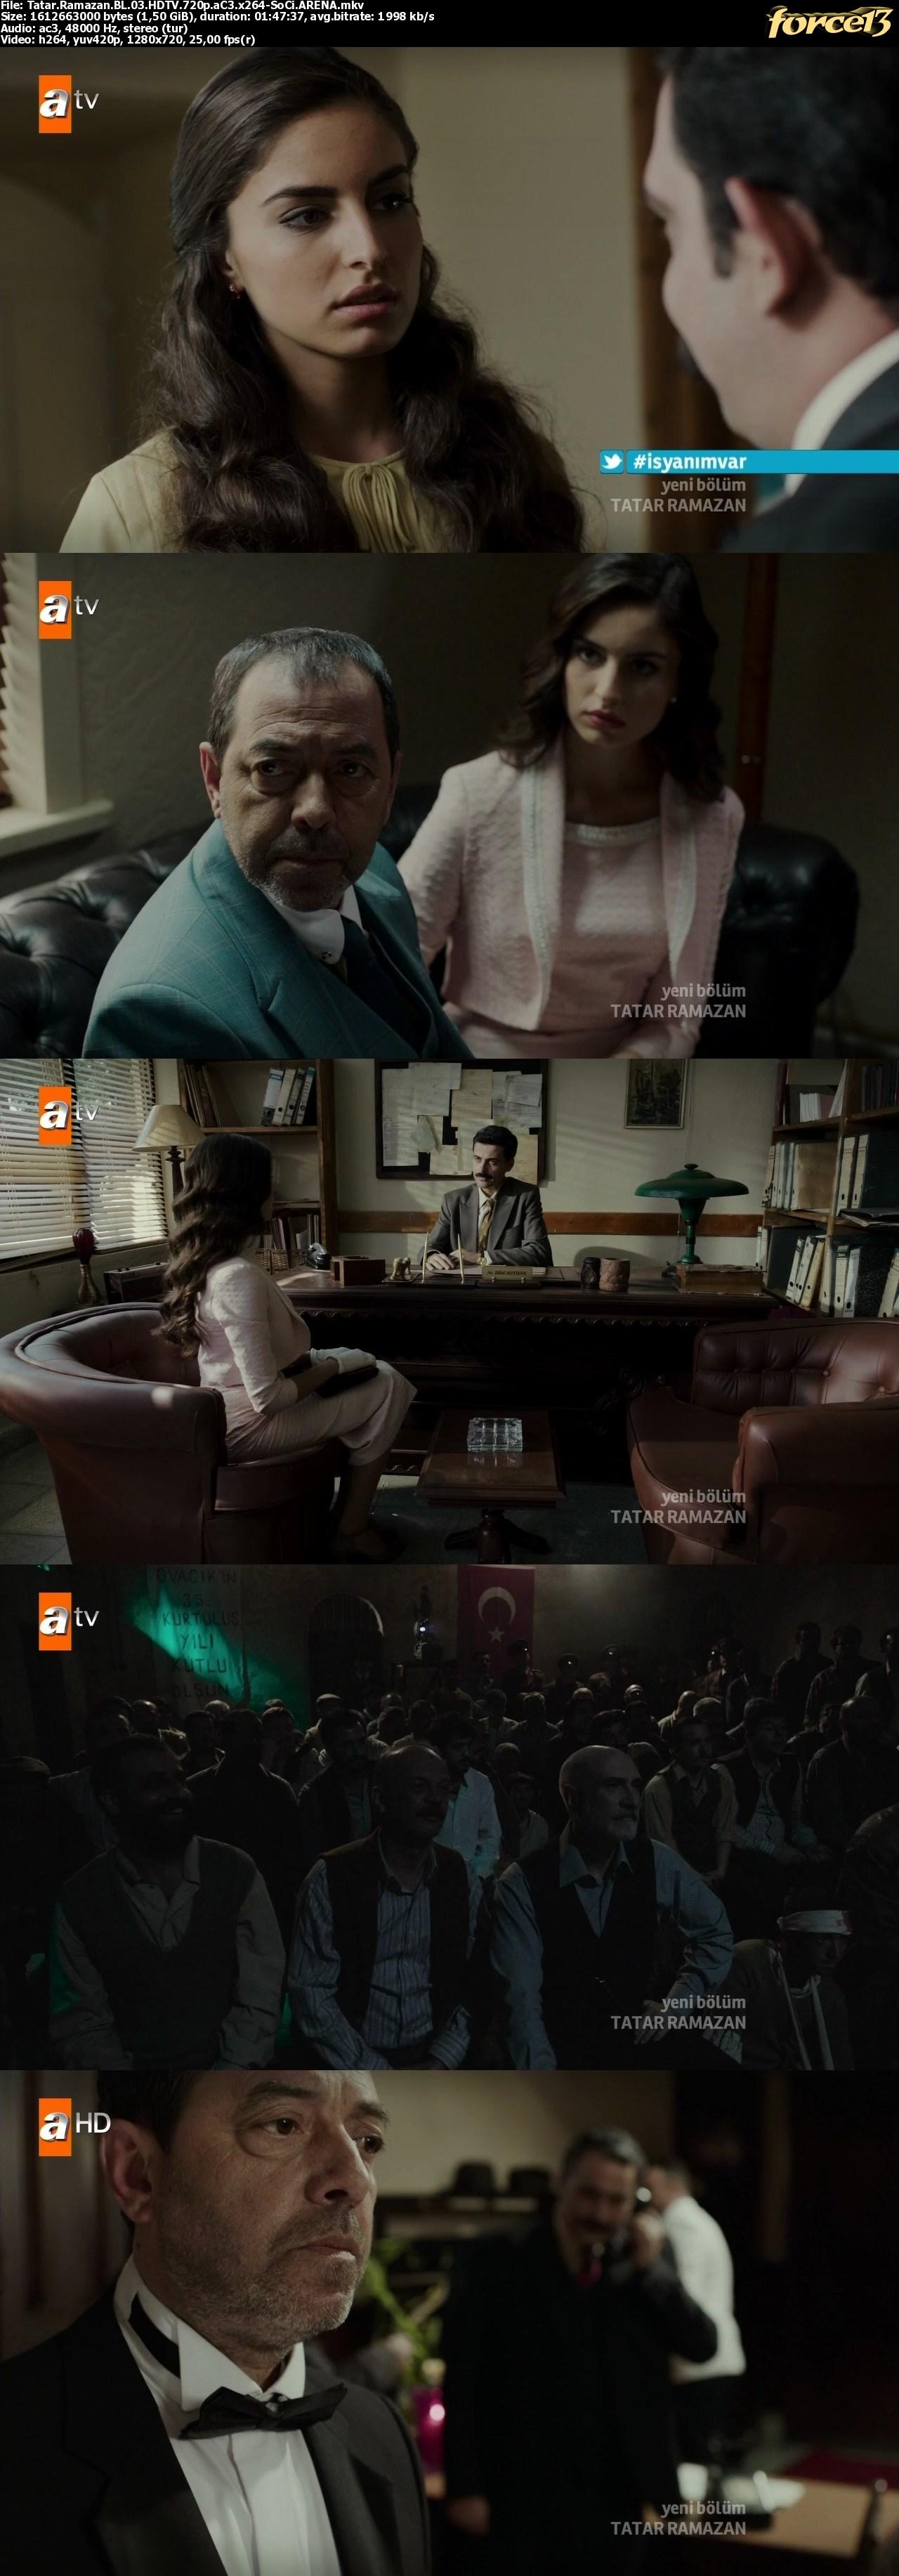 HD онлайн кинотеатр! Фильмы онлайн в HD 720 качестве